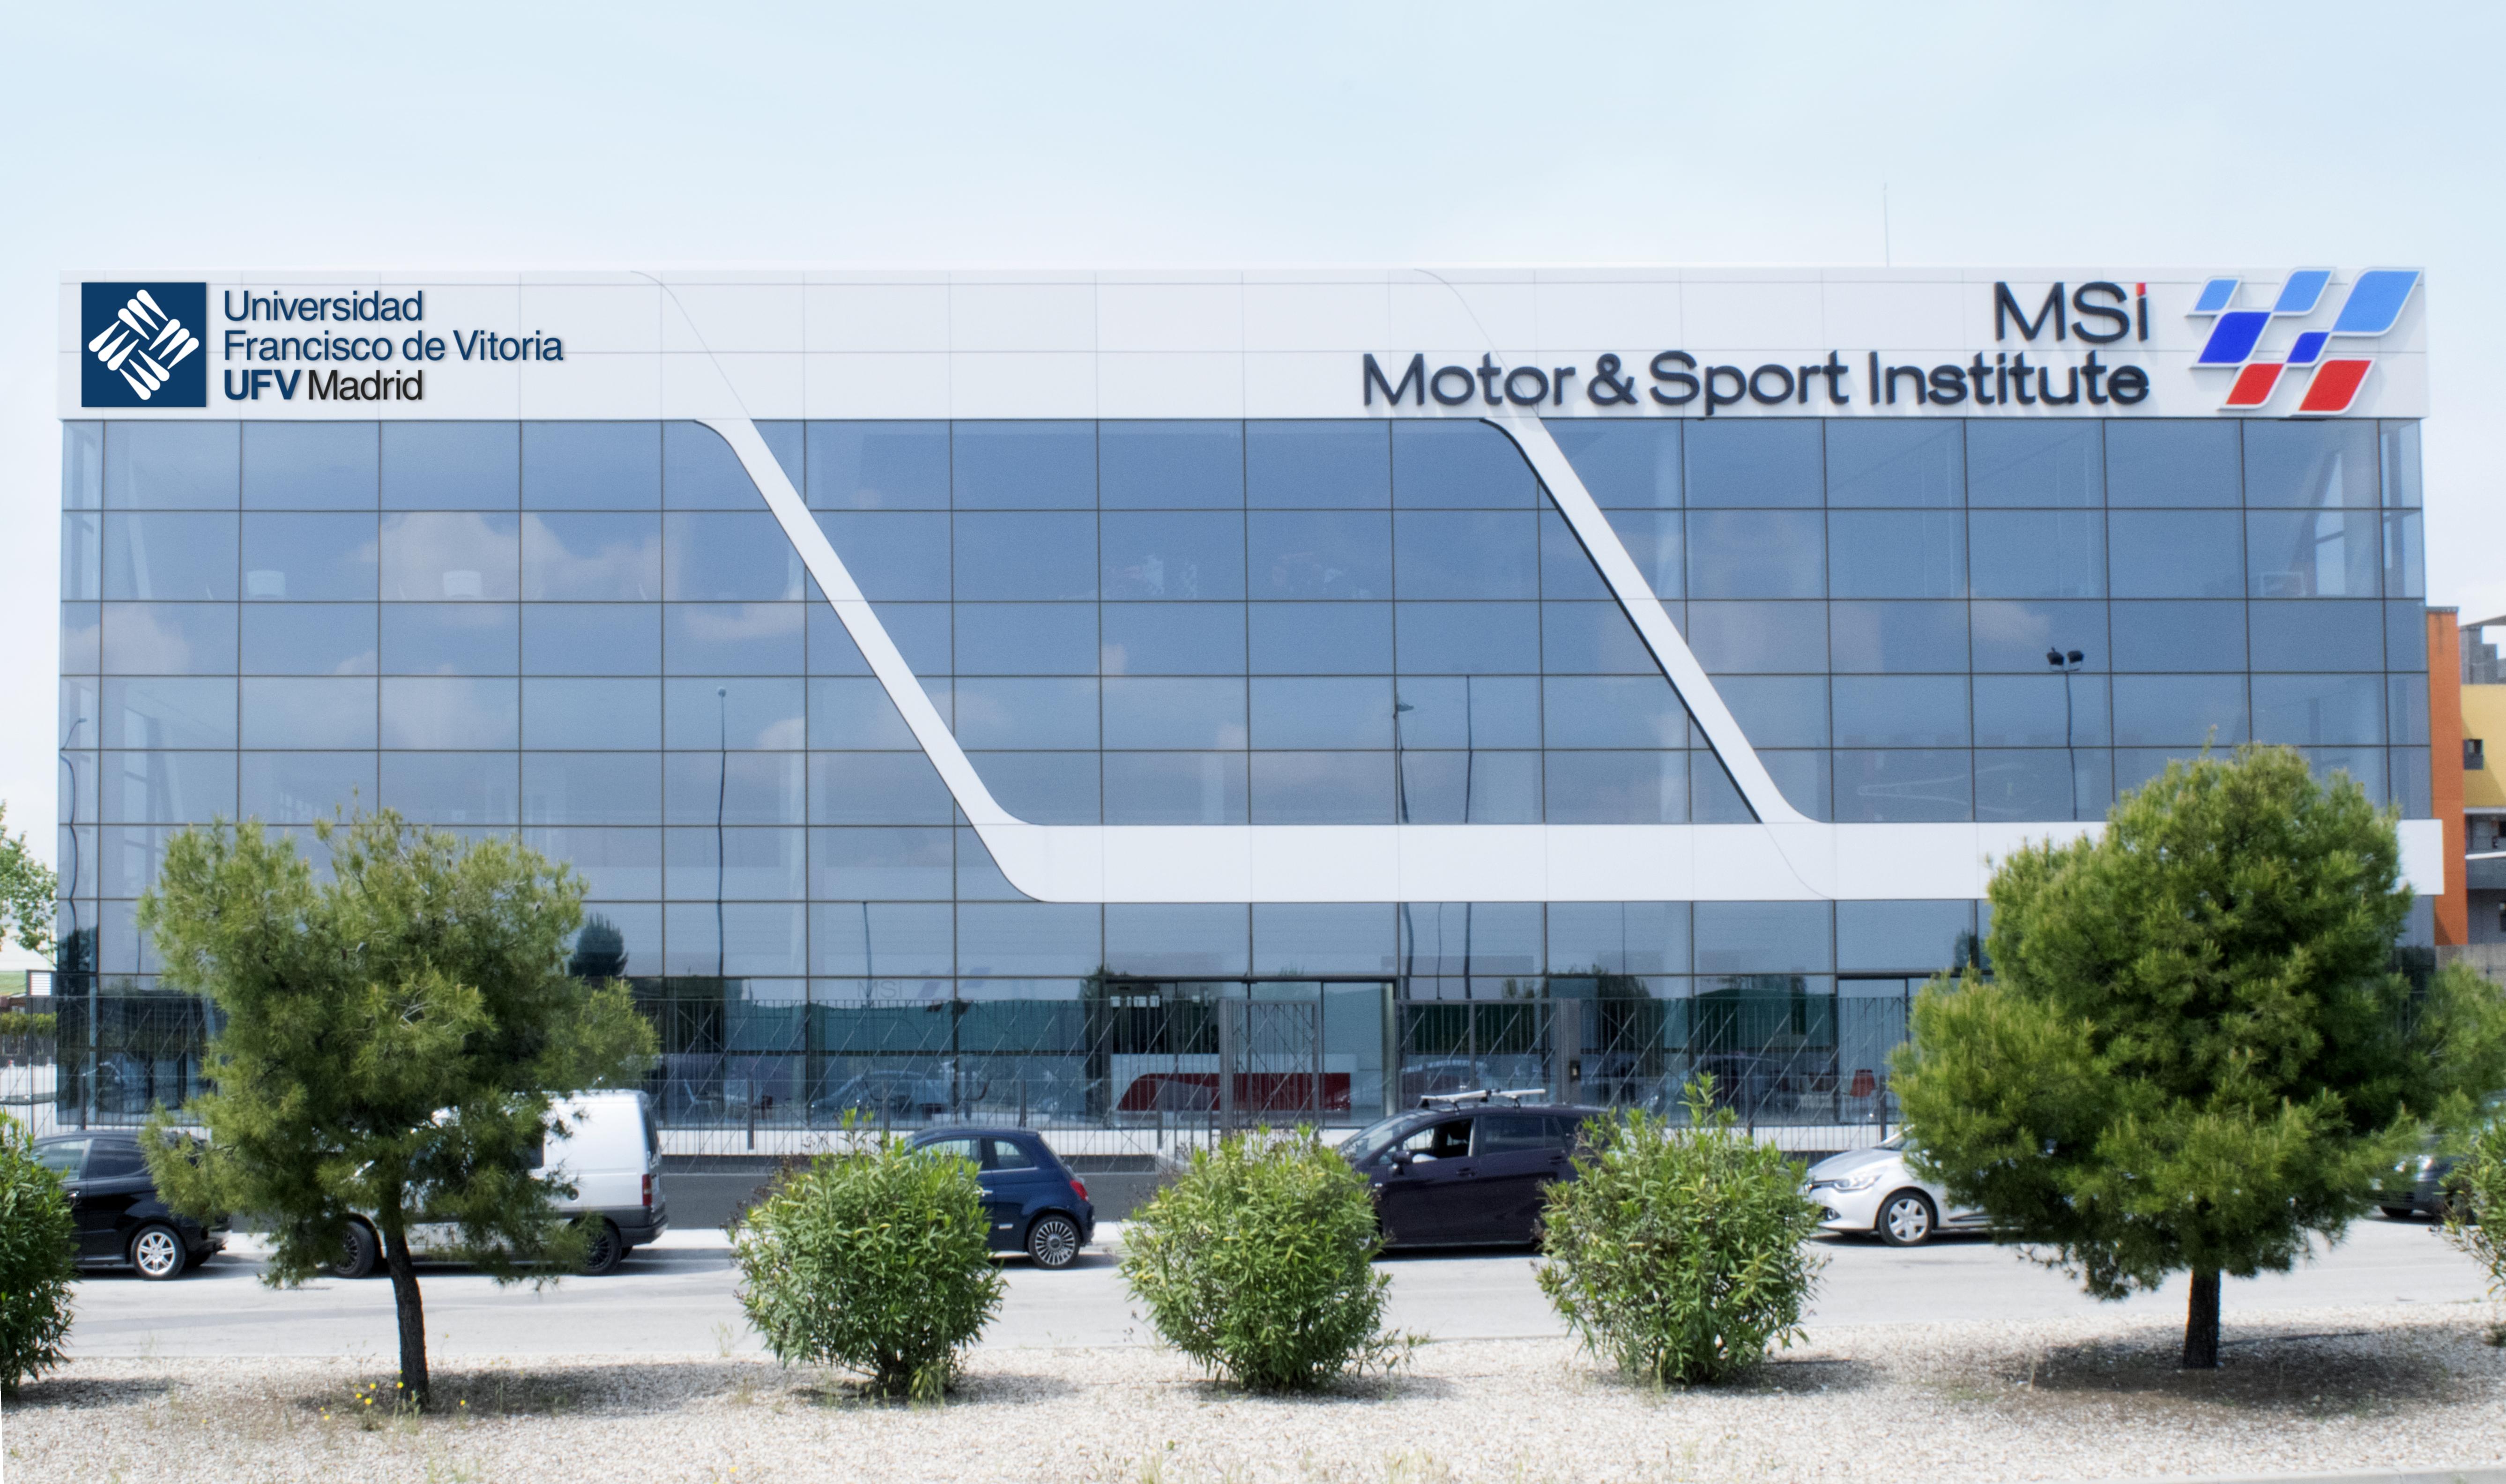 Motor & Sports Institute, tecnología de la F1 al servicio de la formación en España